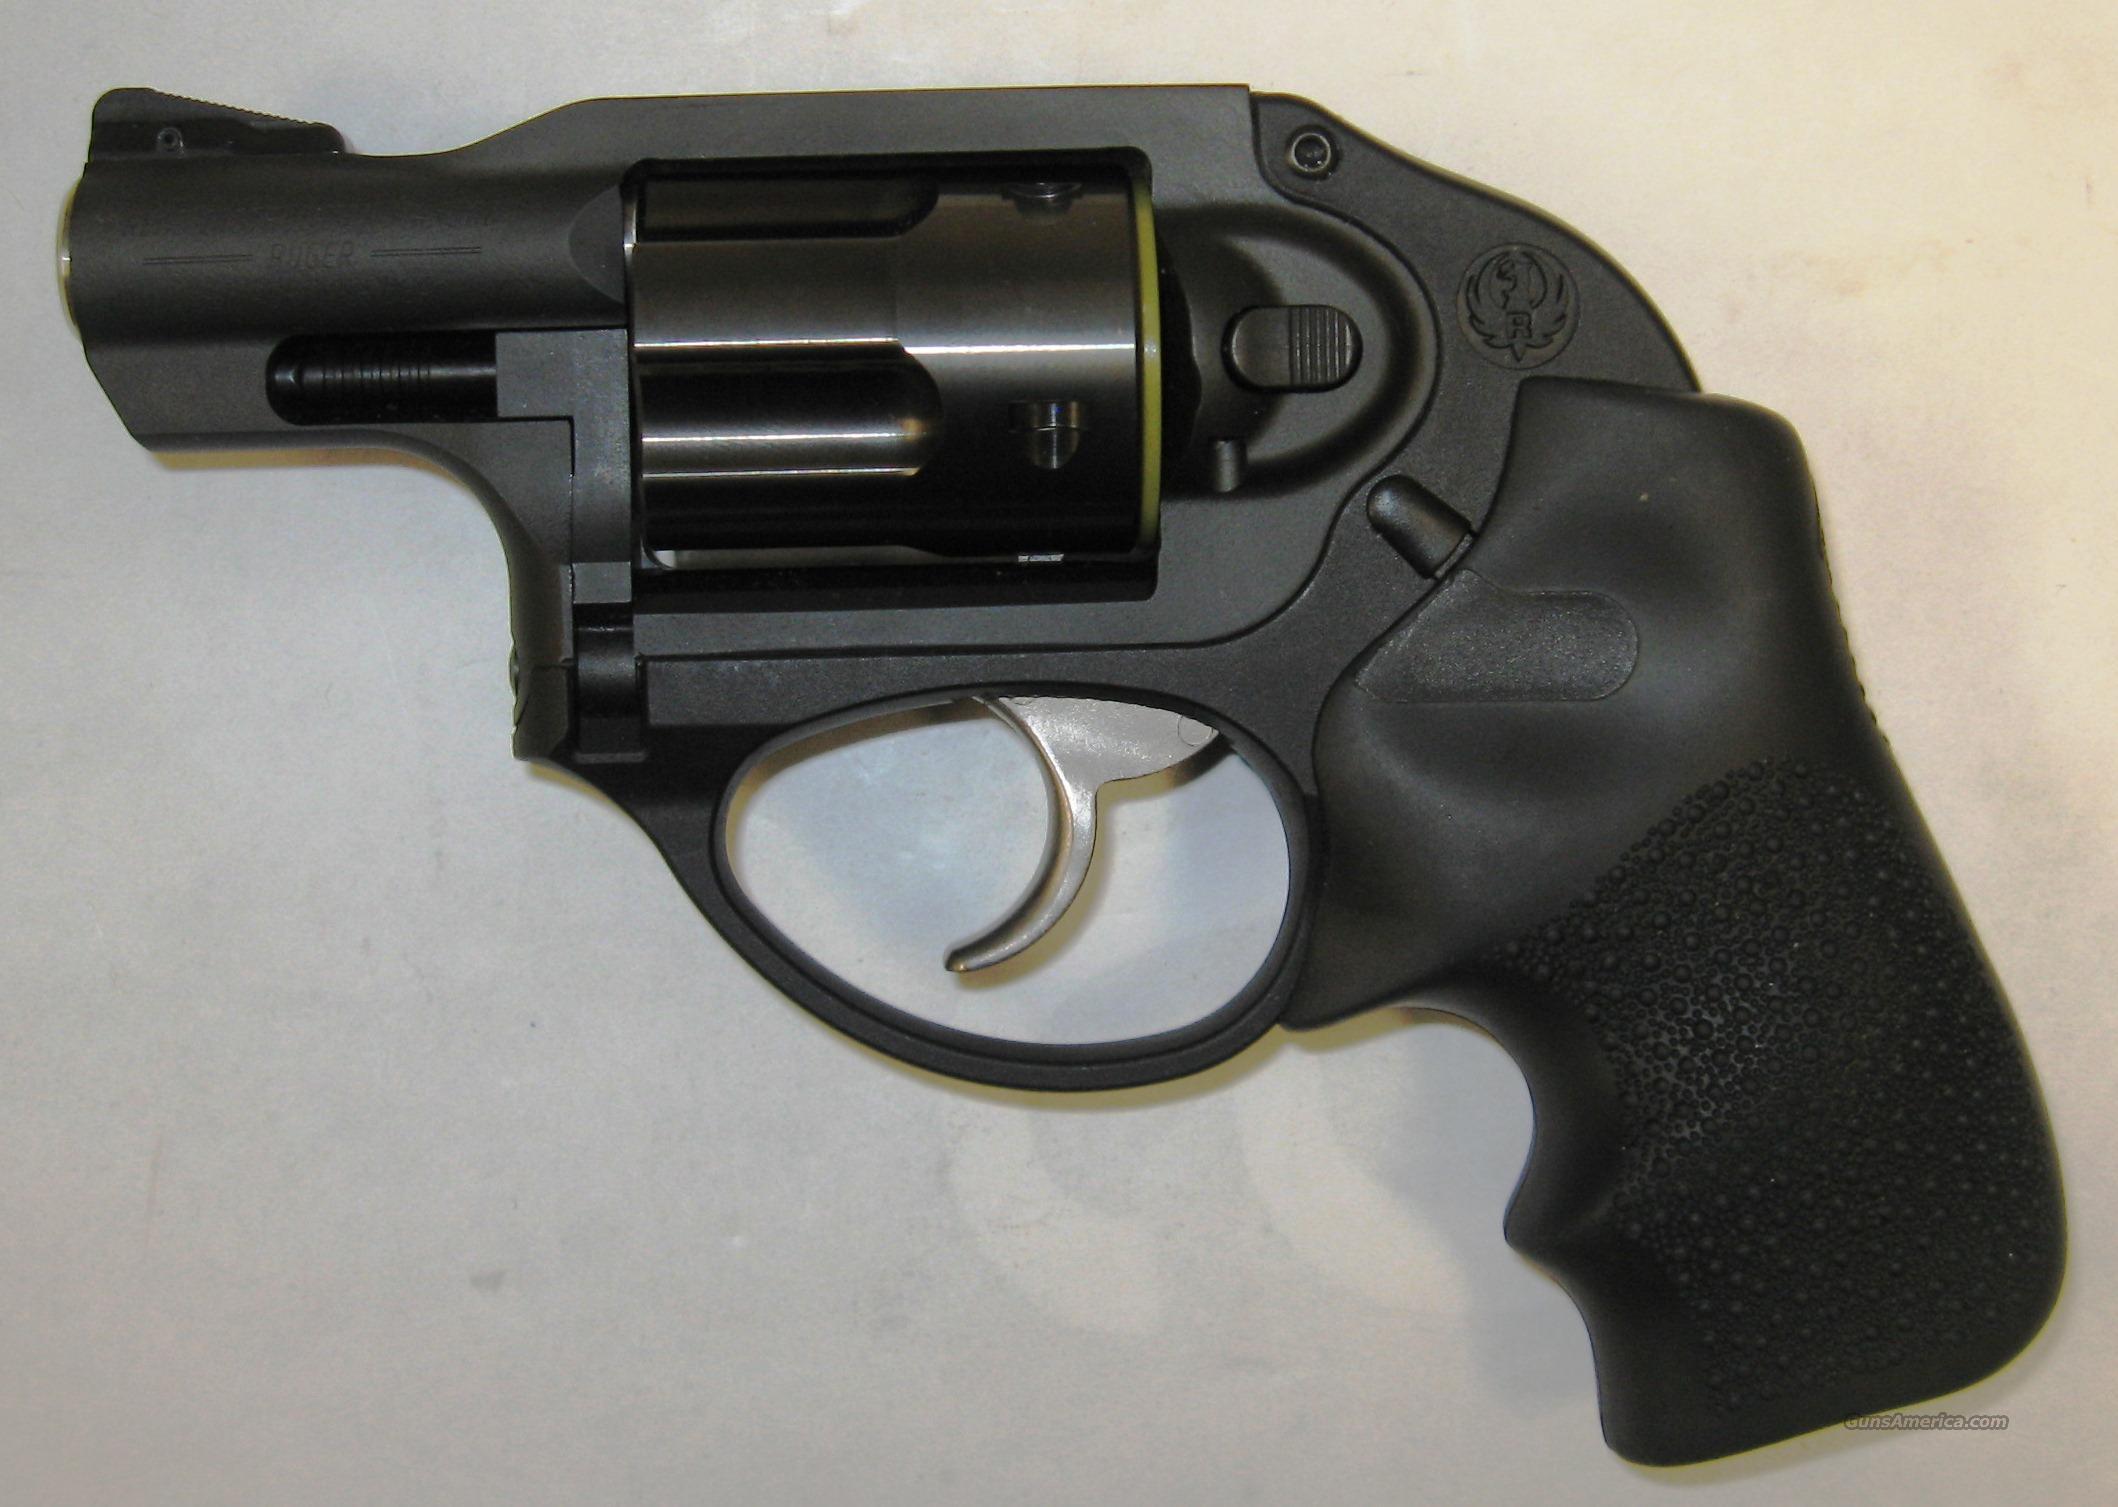 Ruger Lcr 357 Magnum For Sale